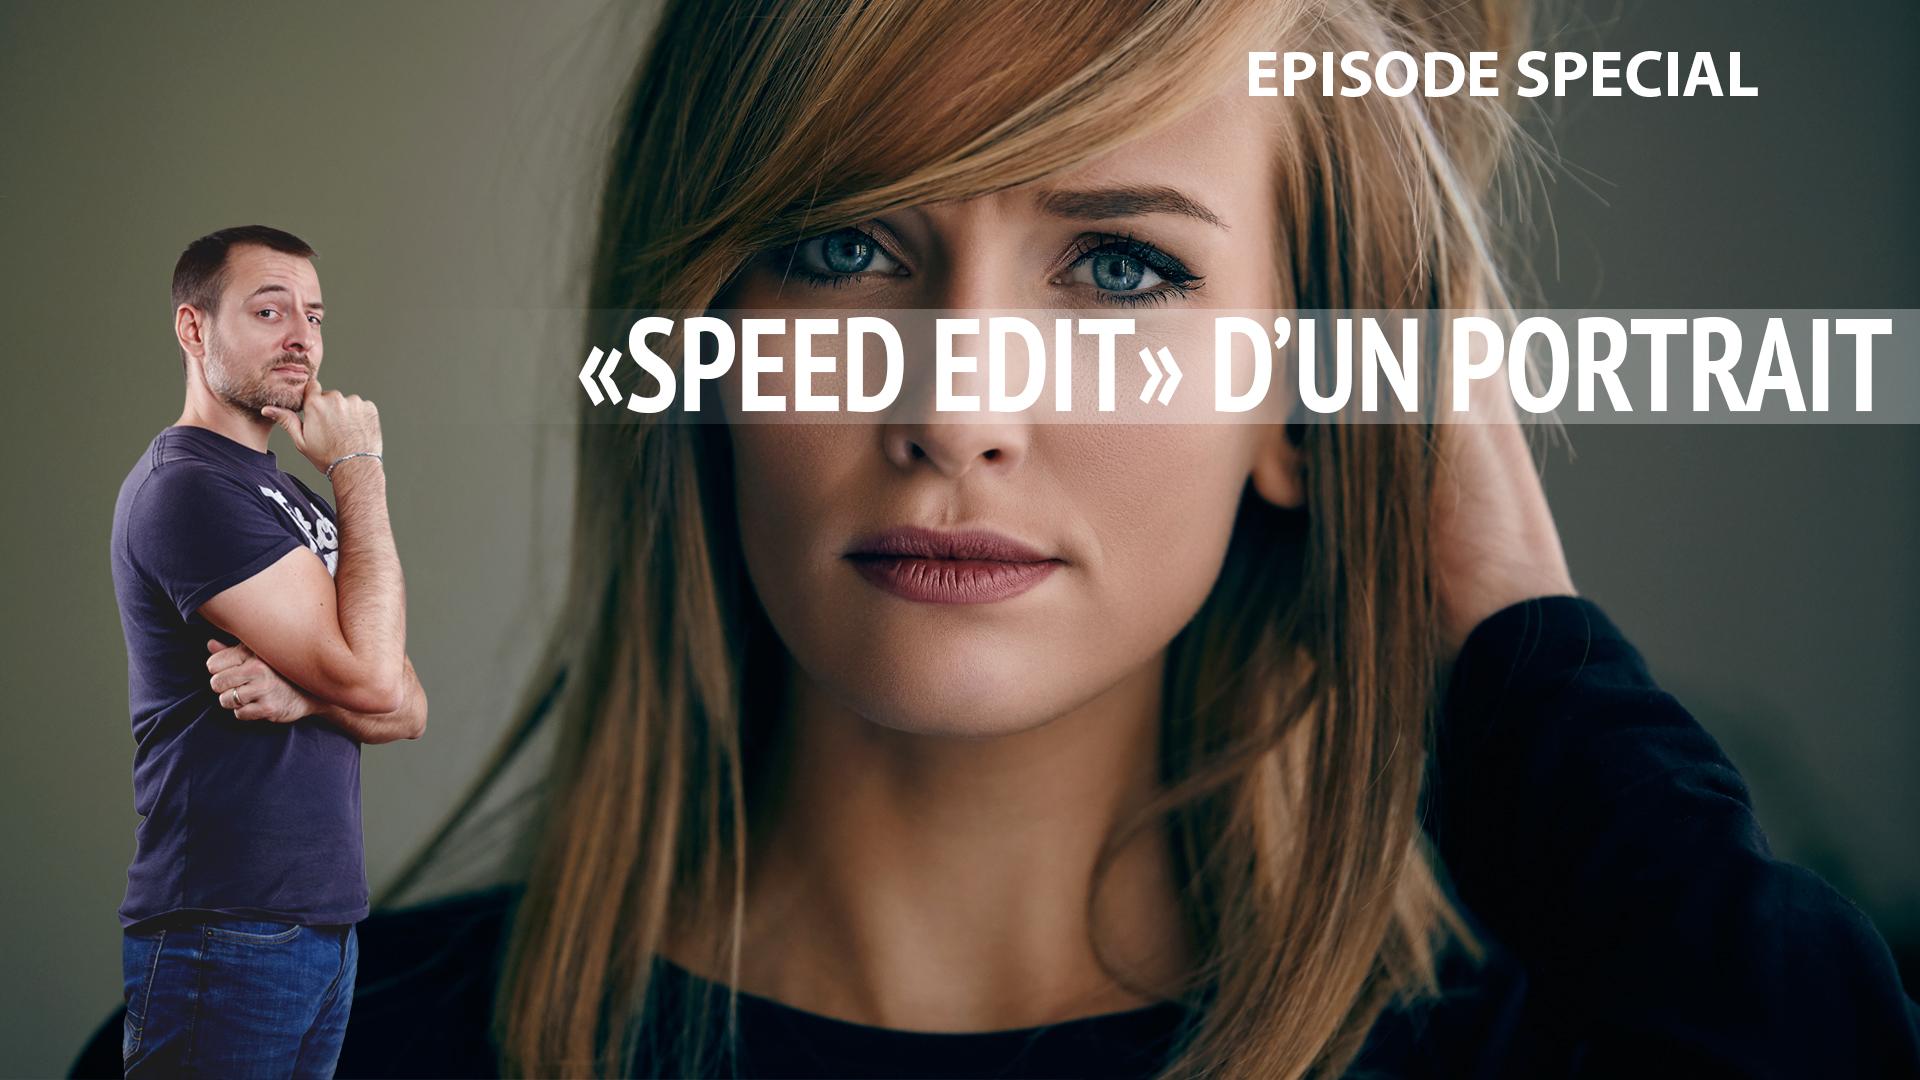 Speed edit retouche de peau : 1h30 de retouche photo en 15 min chrono